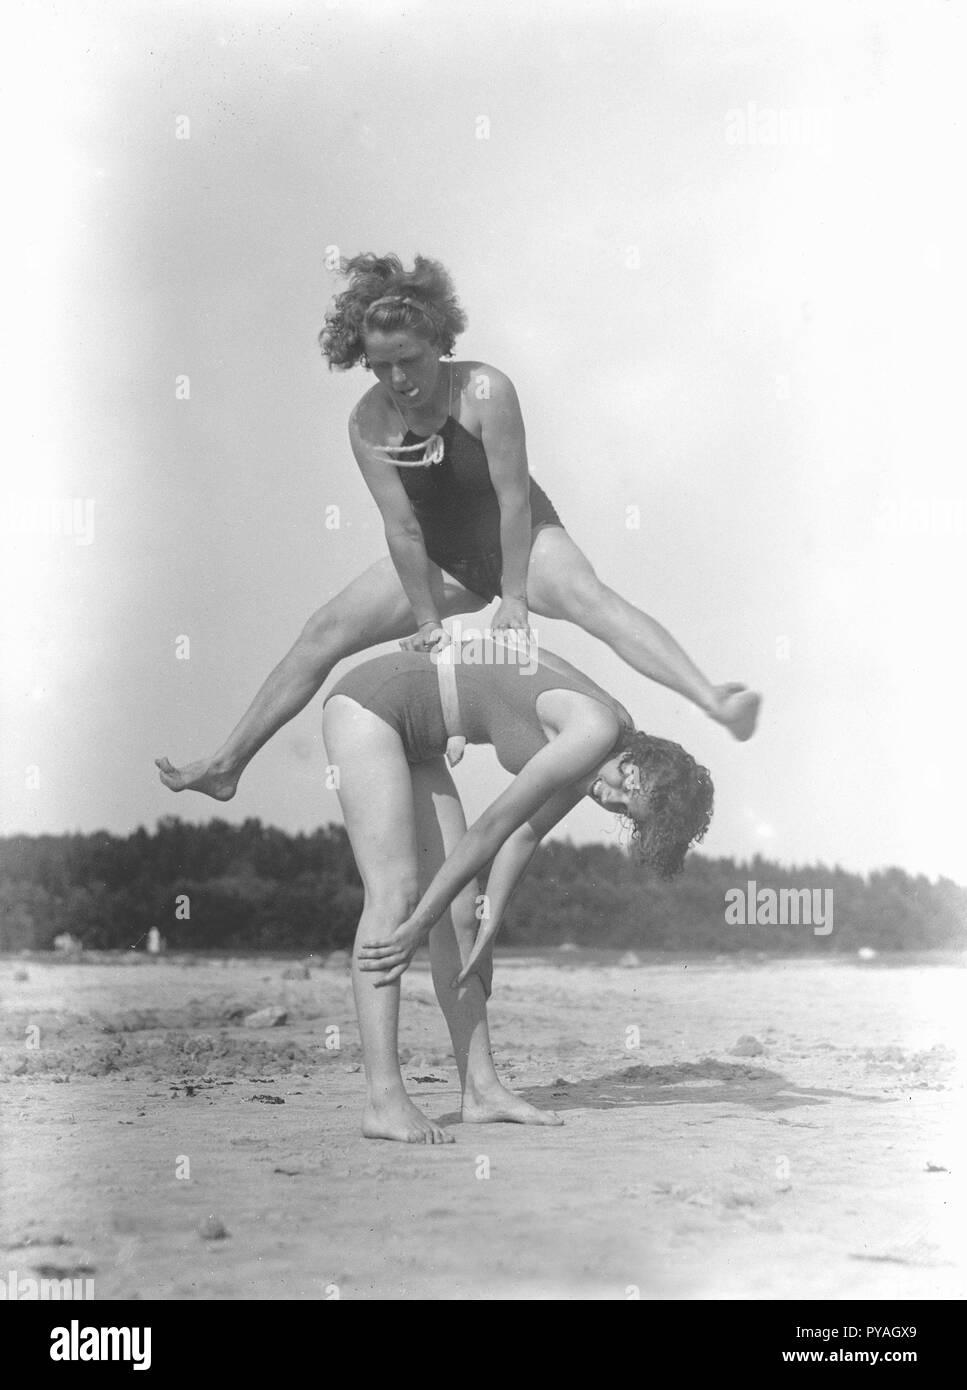 Am Strand, in den 1930er Jahren. Zwei Frauen in Badeanzügen Spielen um am Strand. Schweden 1939. Foto Kristoffersson ref 10-2 Stockbild